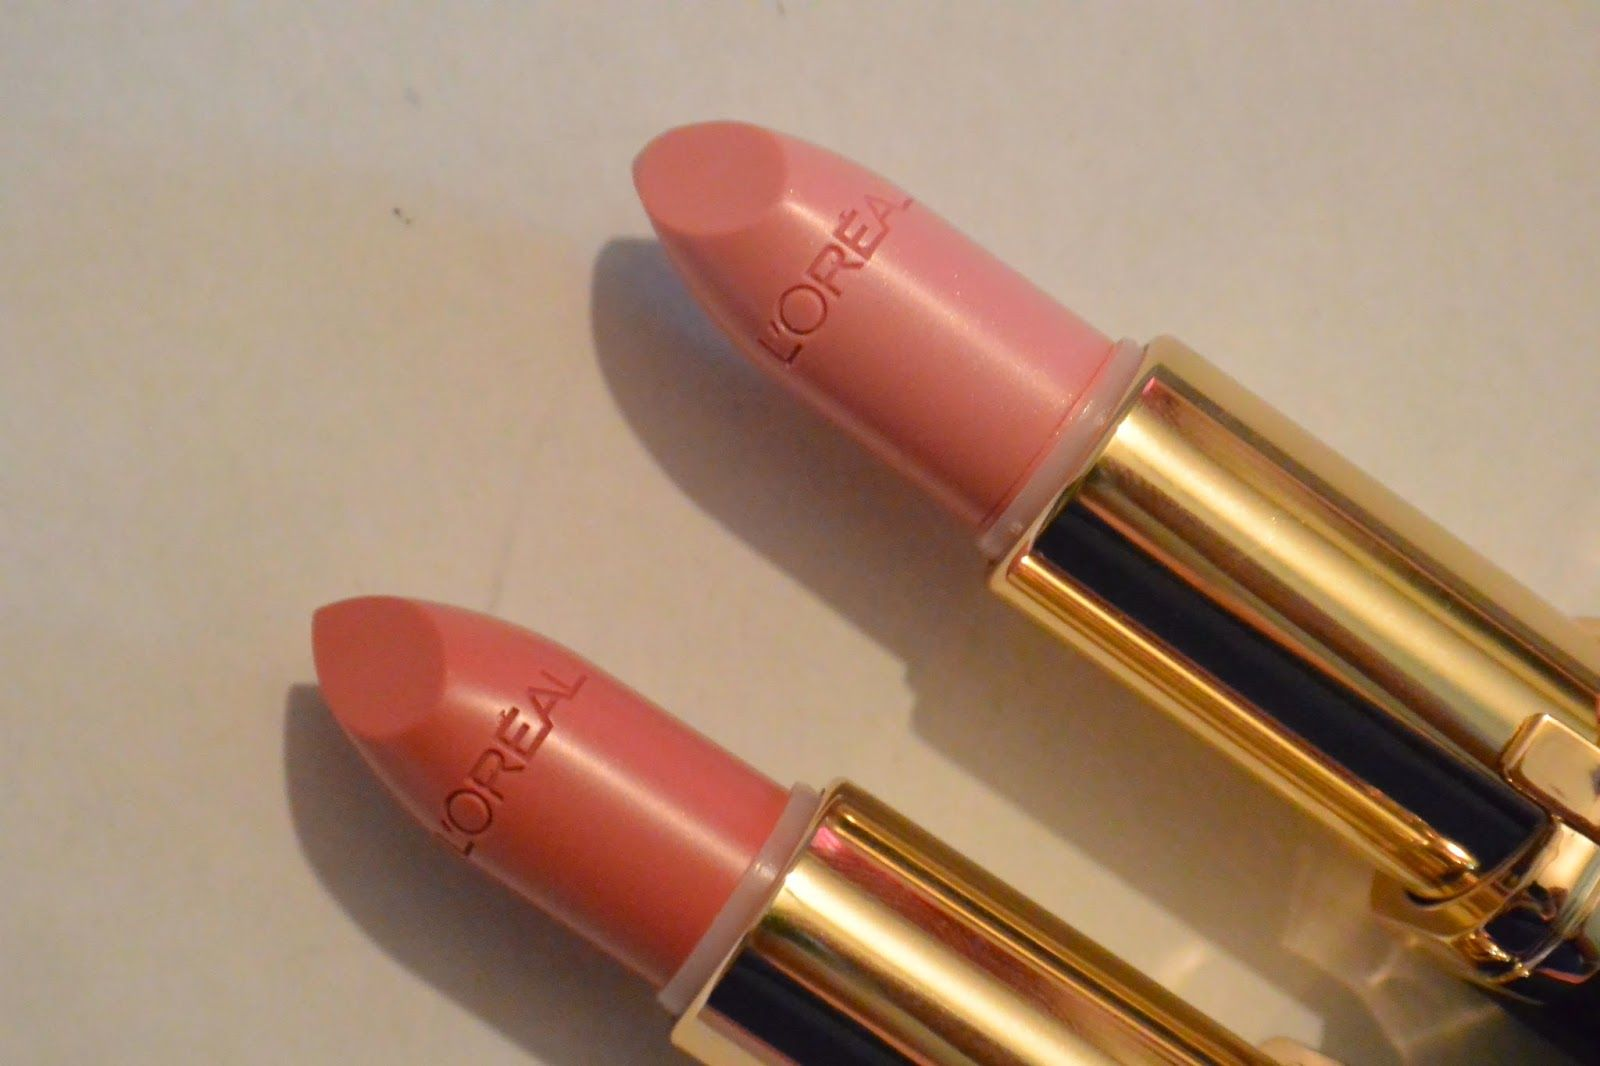 Color Riche Lipstick - LOréal Paris   Nordicfeel